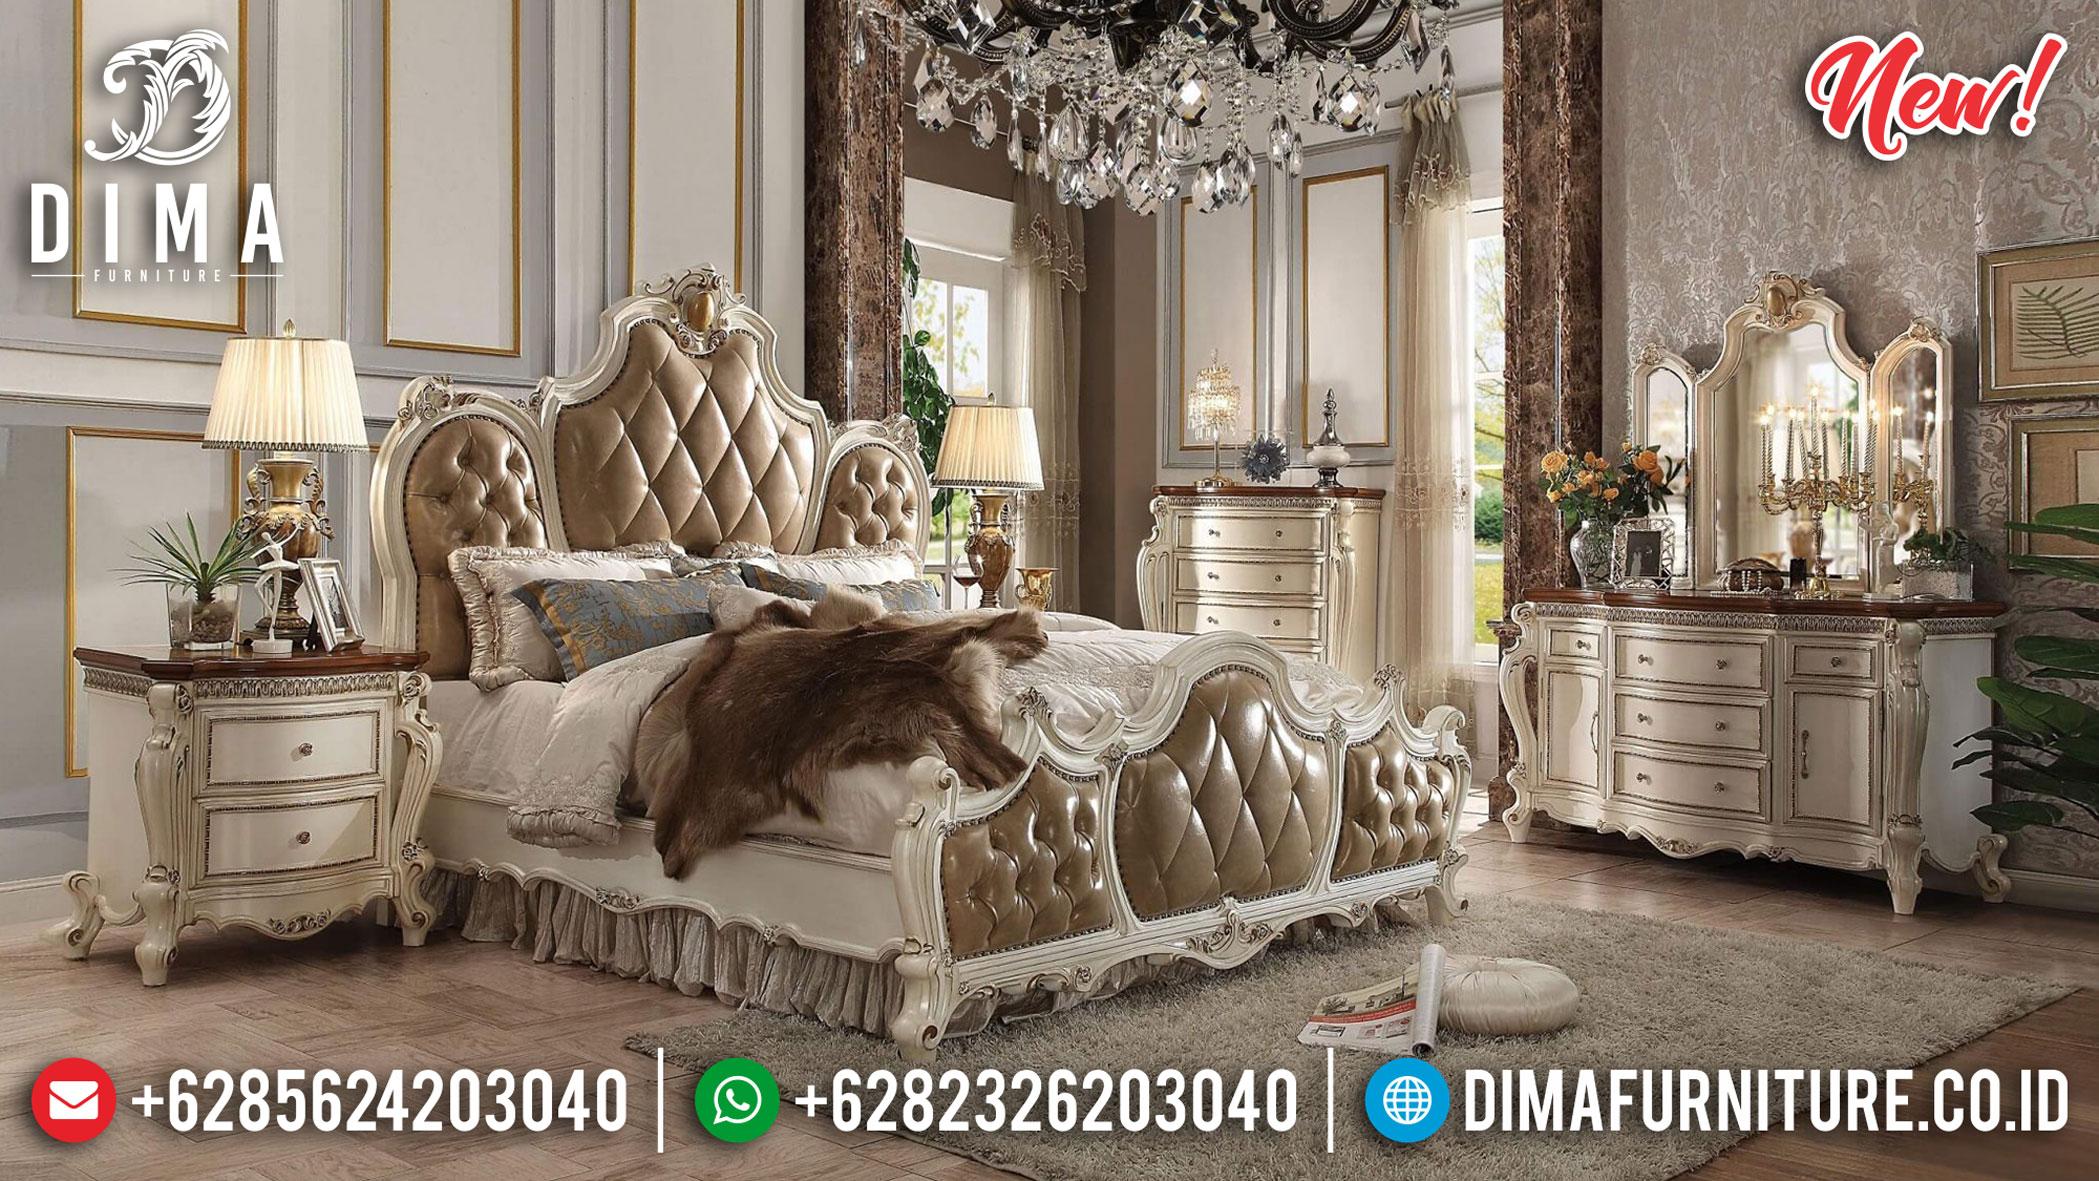 Kamar Set Ukir Jepara Mewah Lovebed White Duco Luxury Italian Carving TTJ-1081